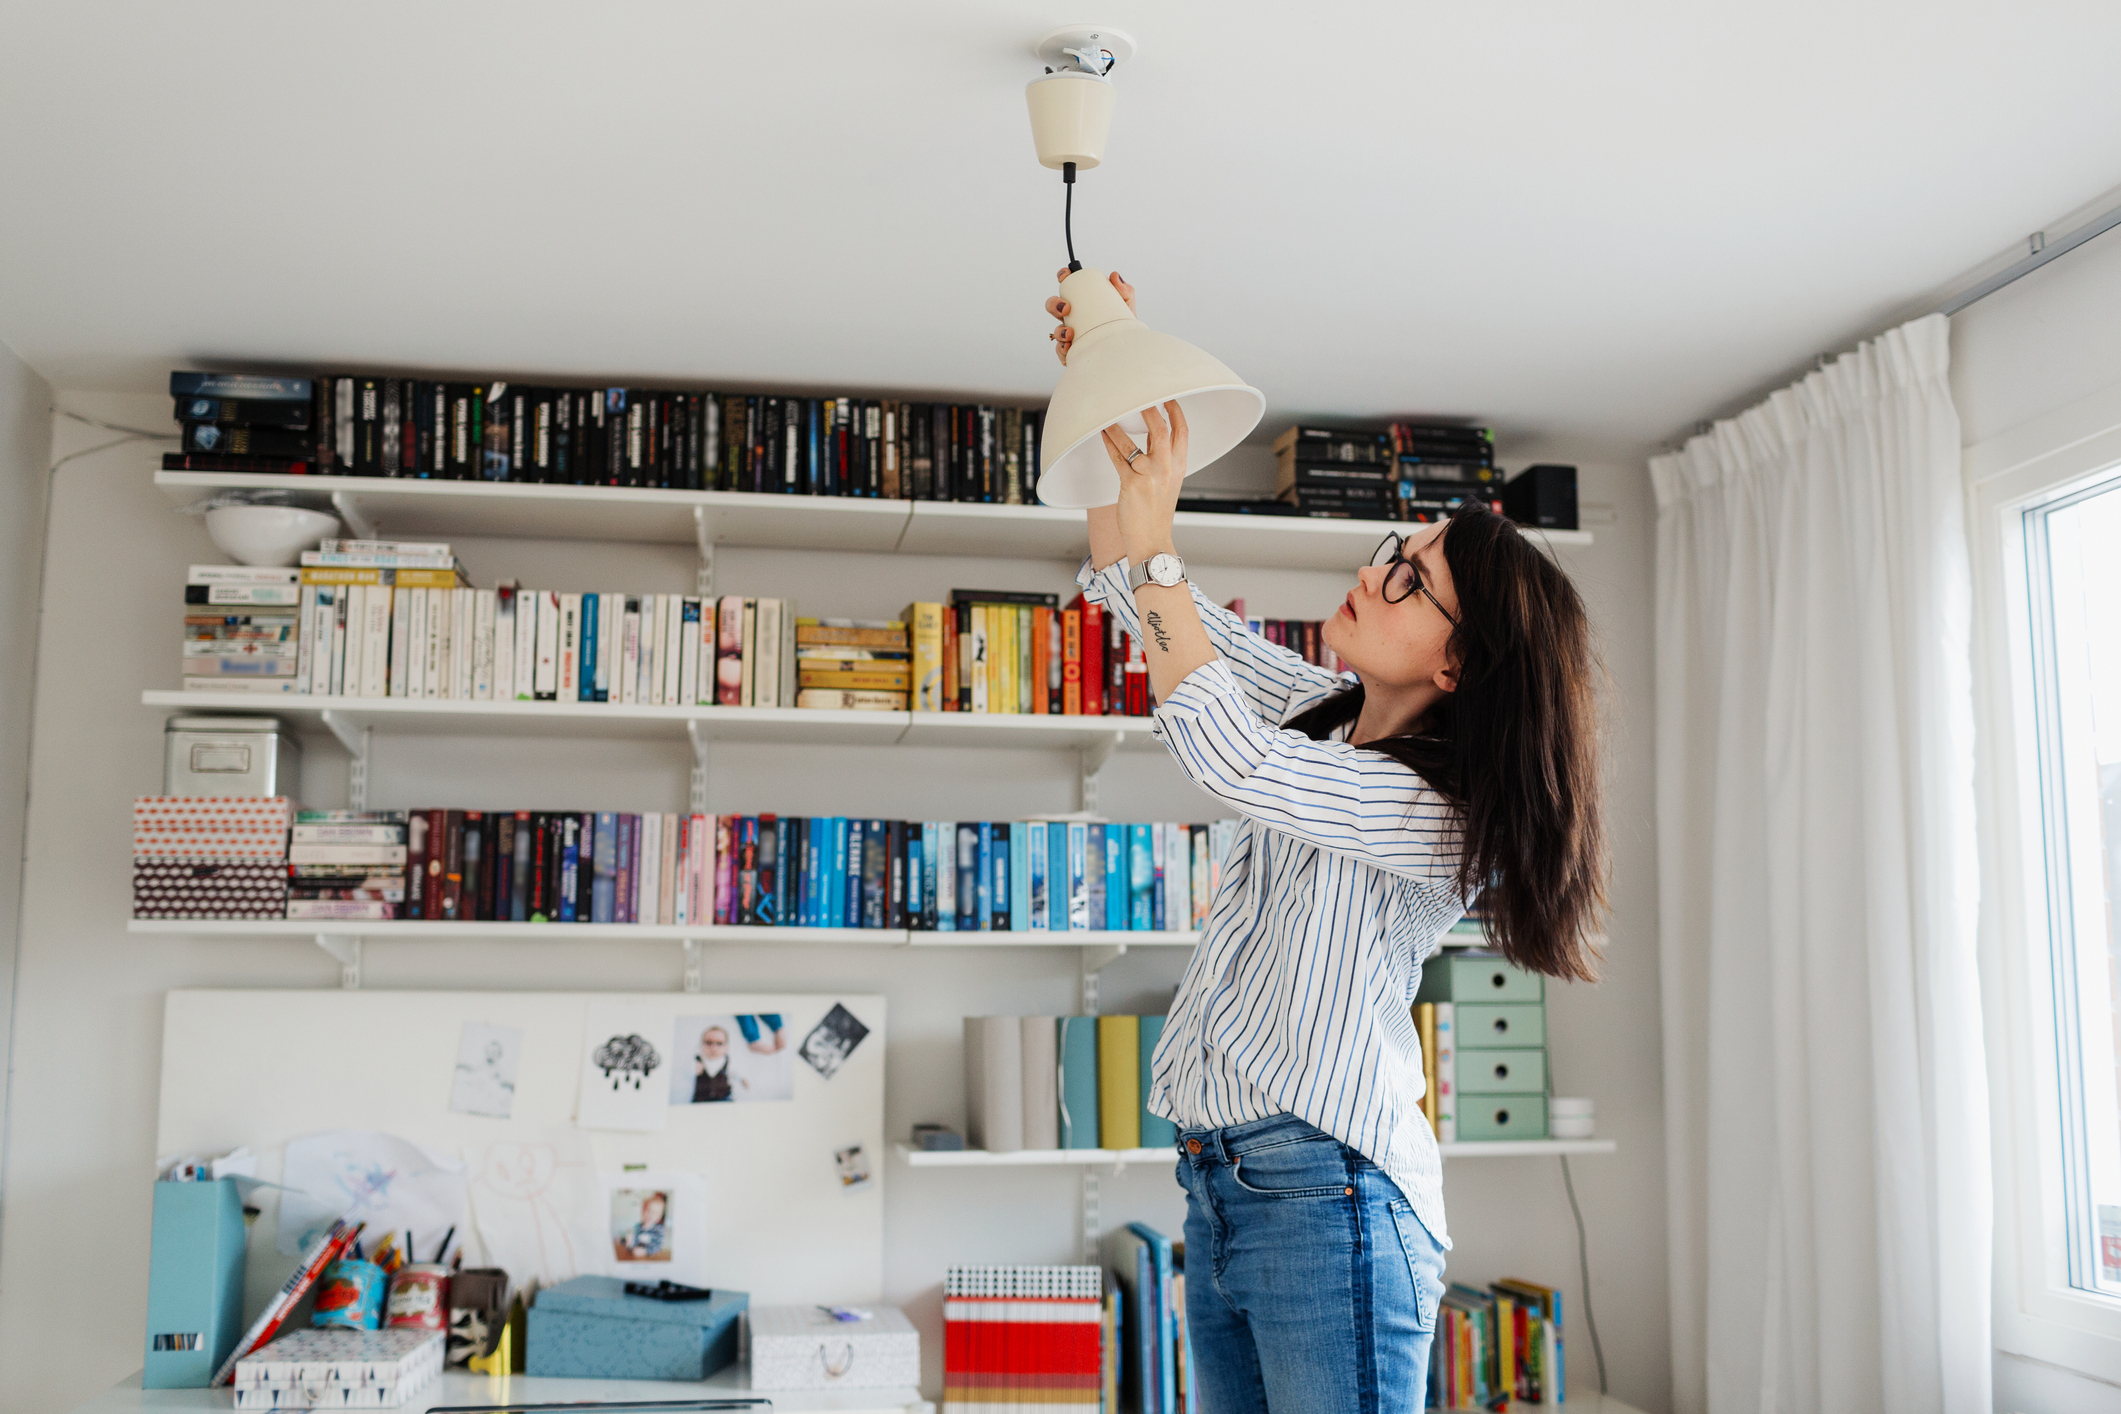 une femme changeant une ampoule